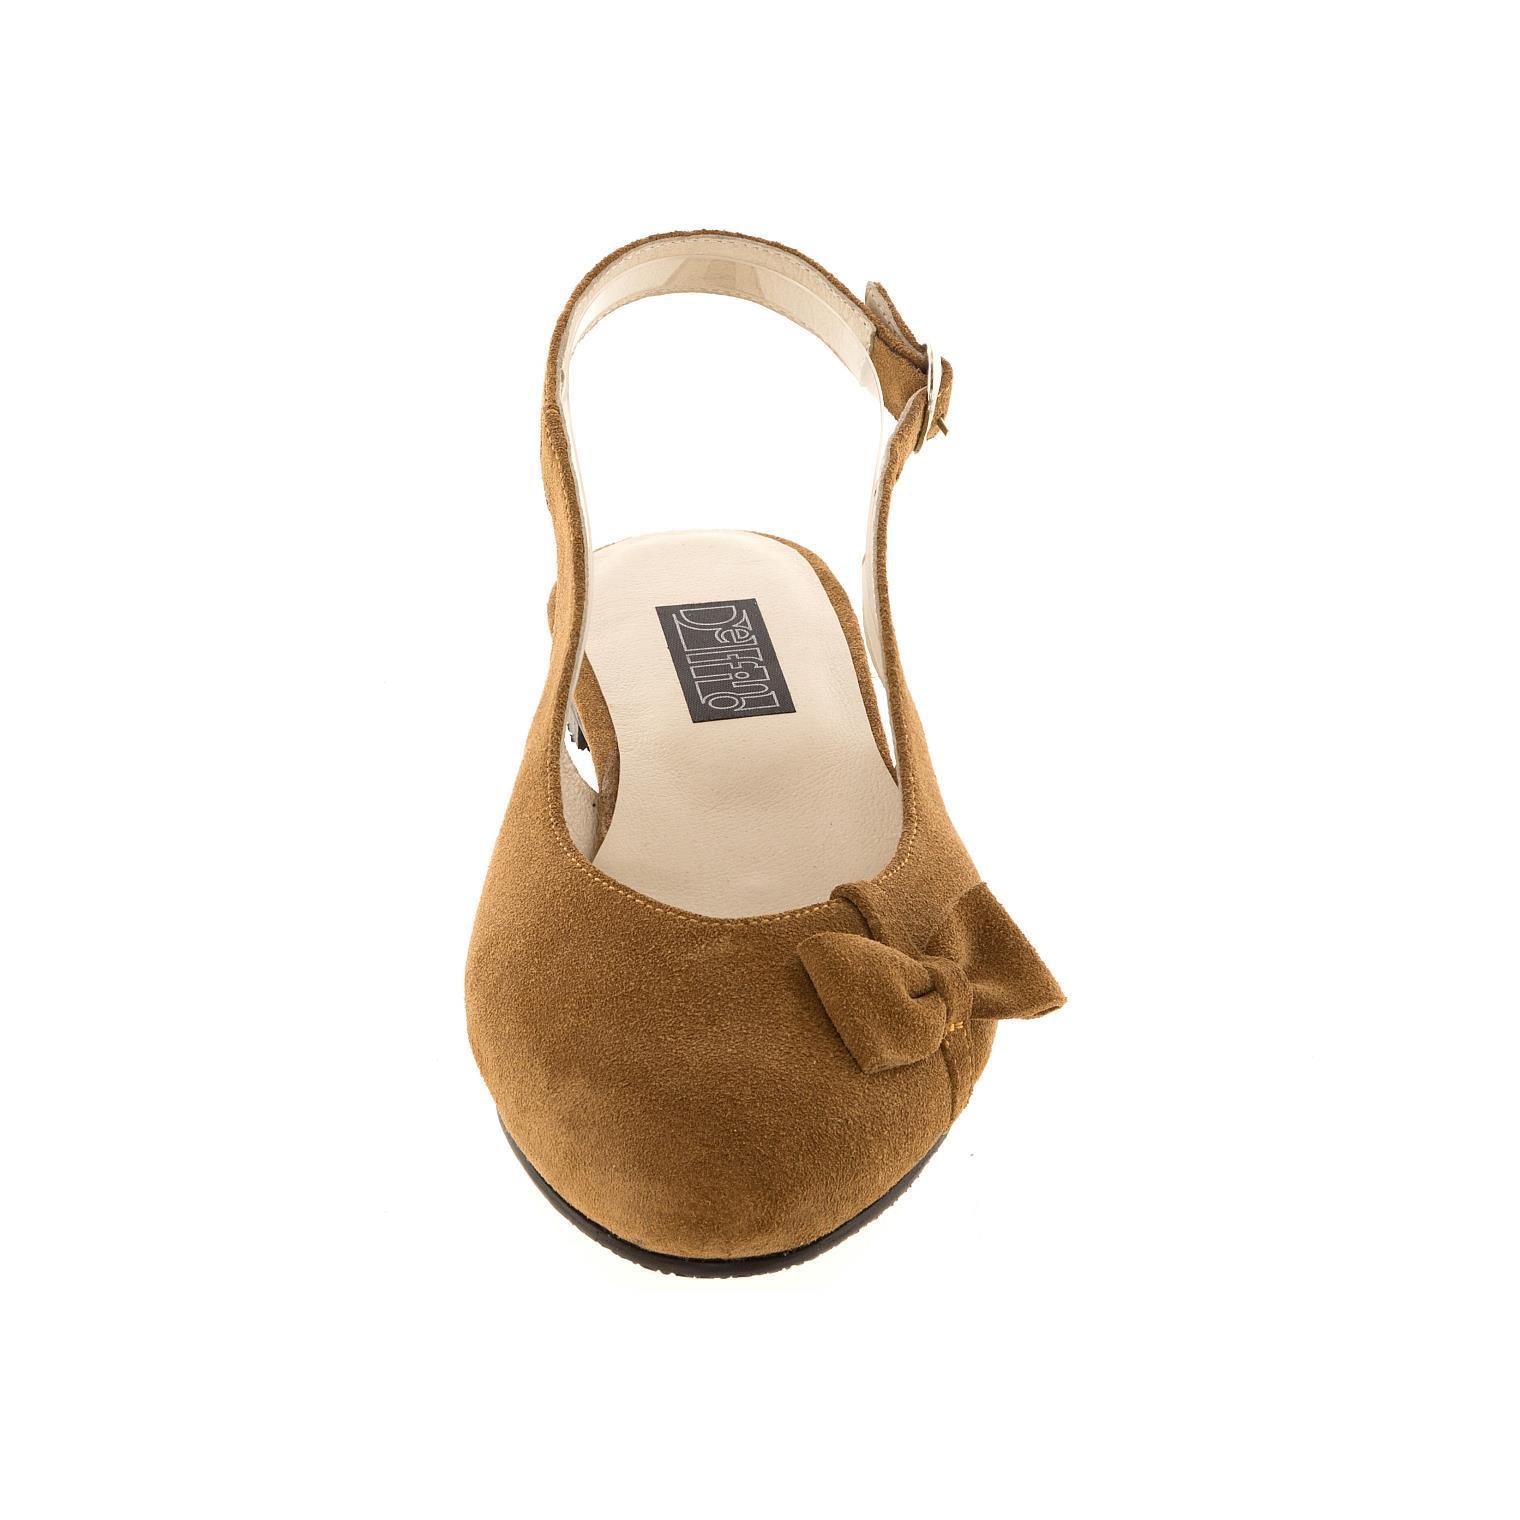 570199 Туфли летние женские бежевые замша больших размеров марки Делфино